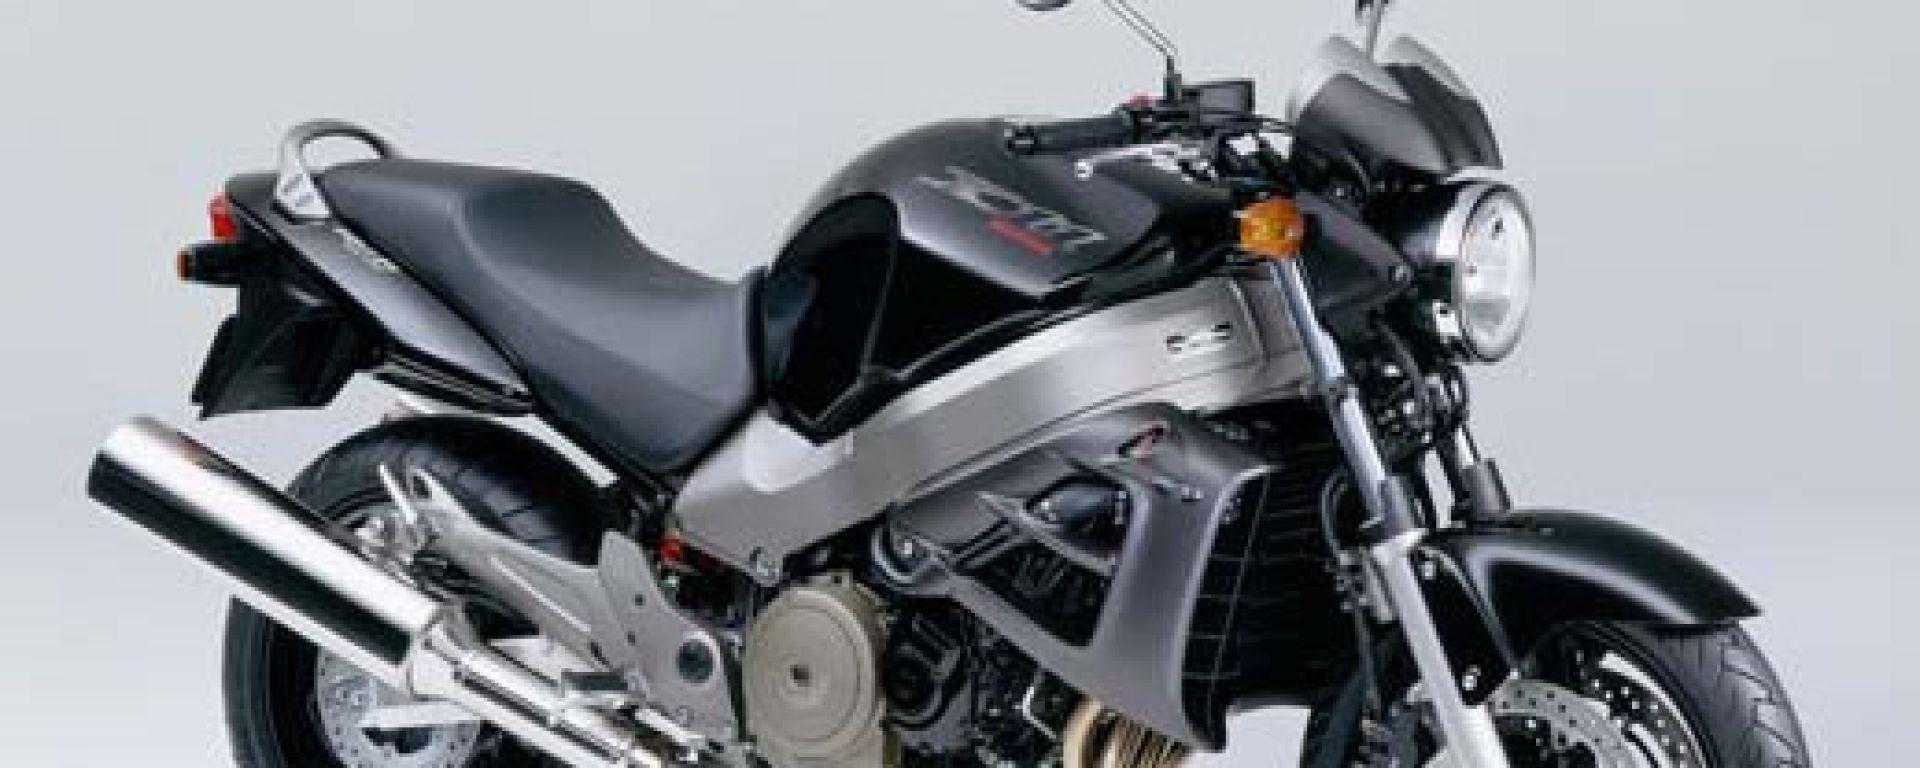 Honda X-11